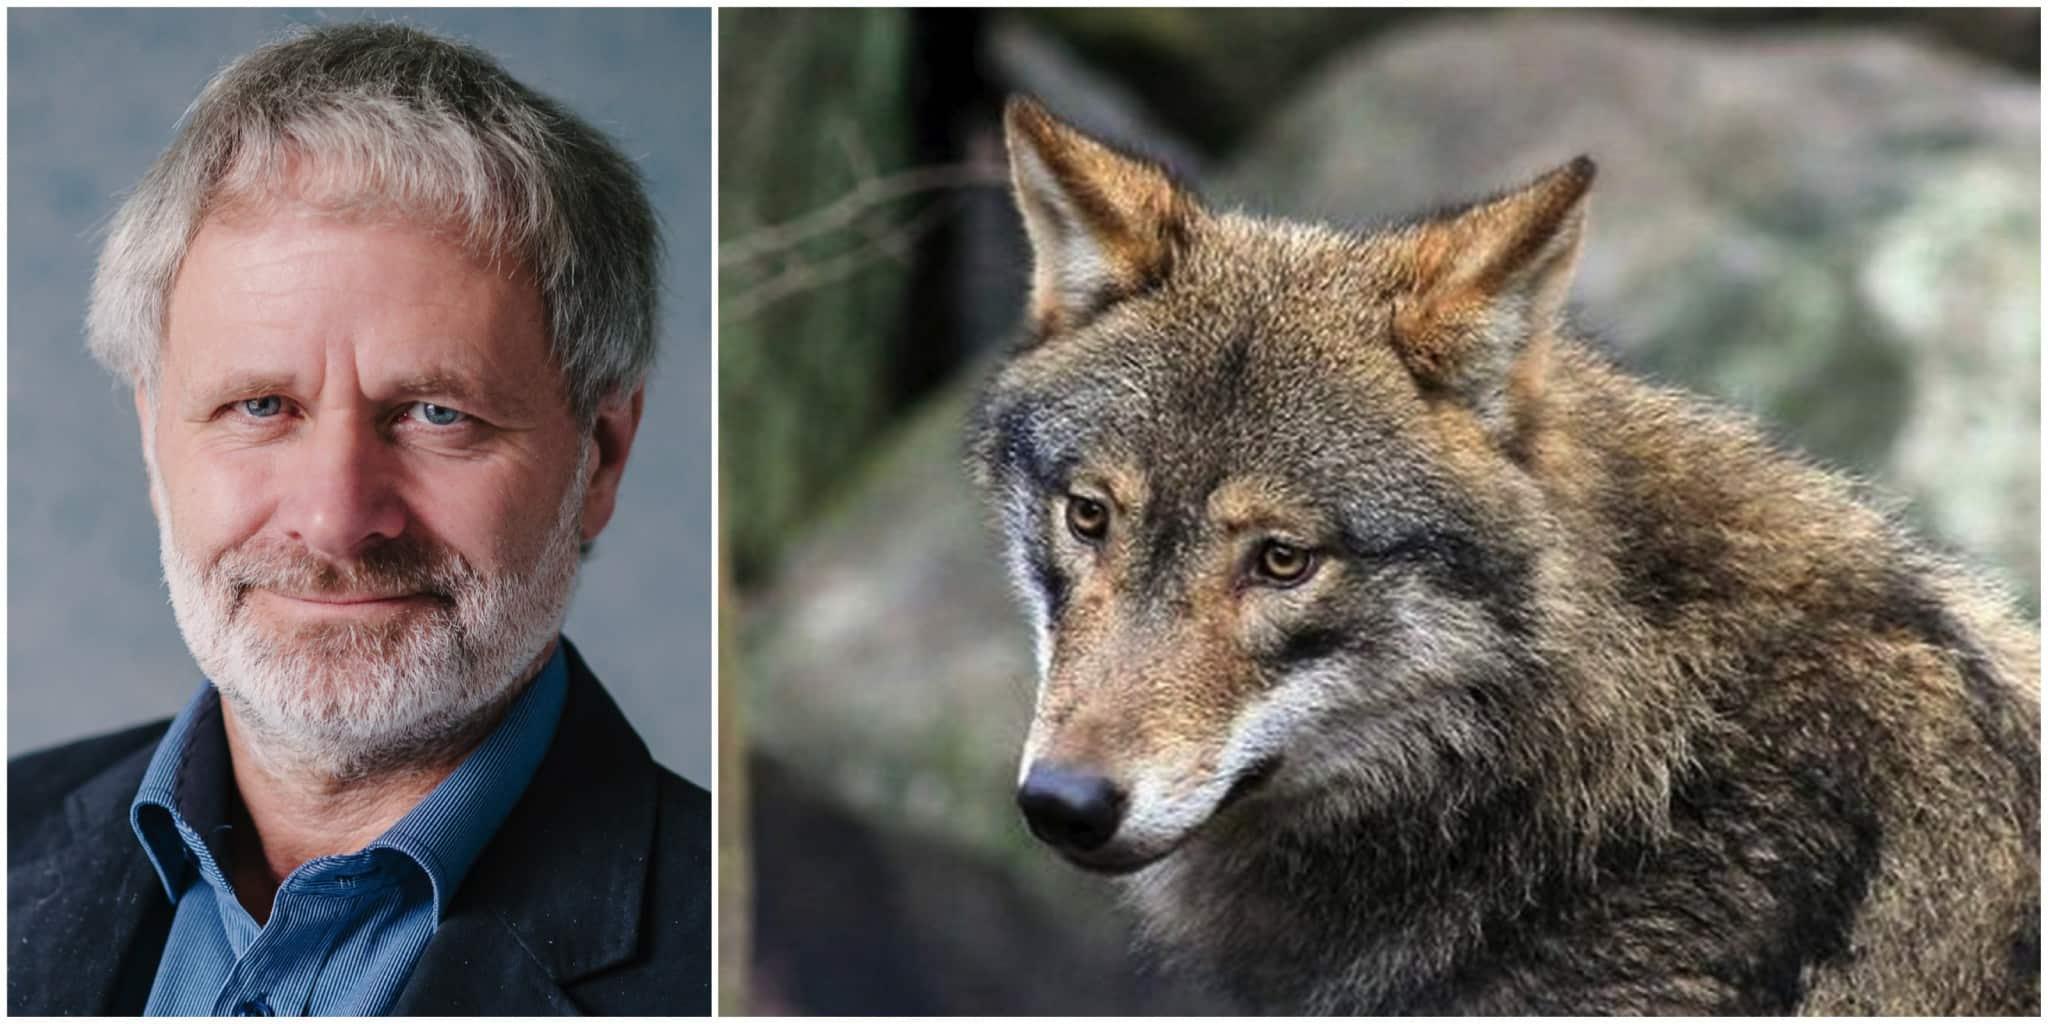 Politikerna måste ställa sig frågan varför berörda är missnöjda med rovdjurspolitiken, menar Mats Forslund vid WWF.